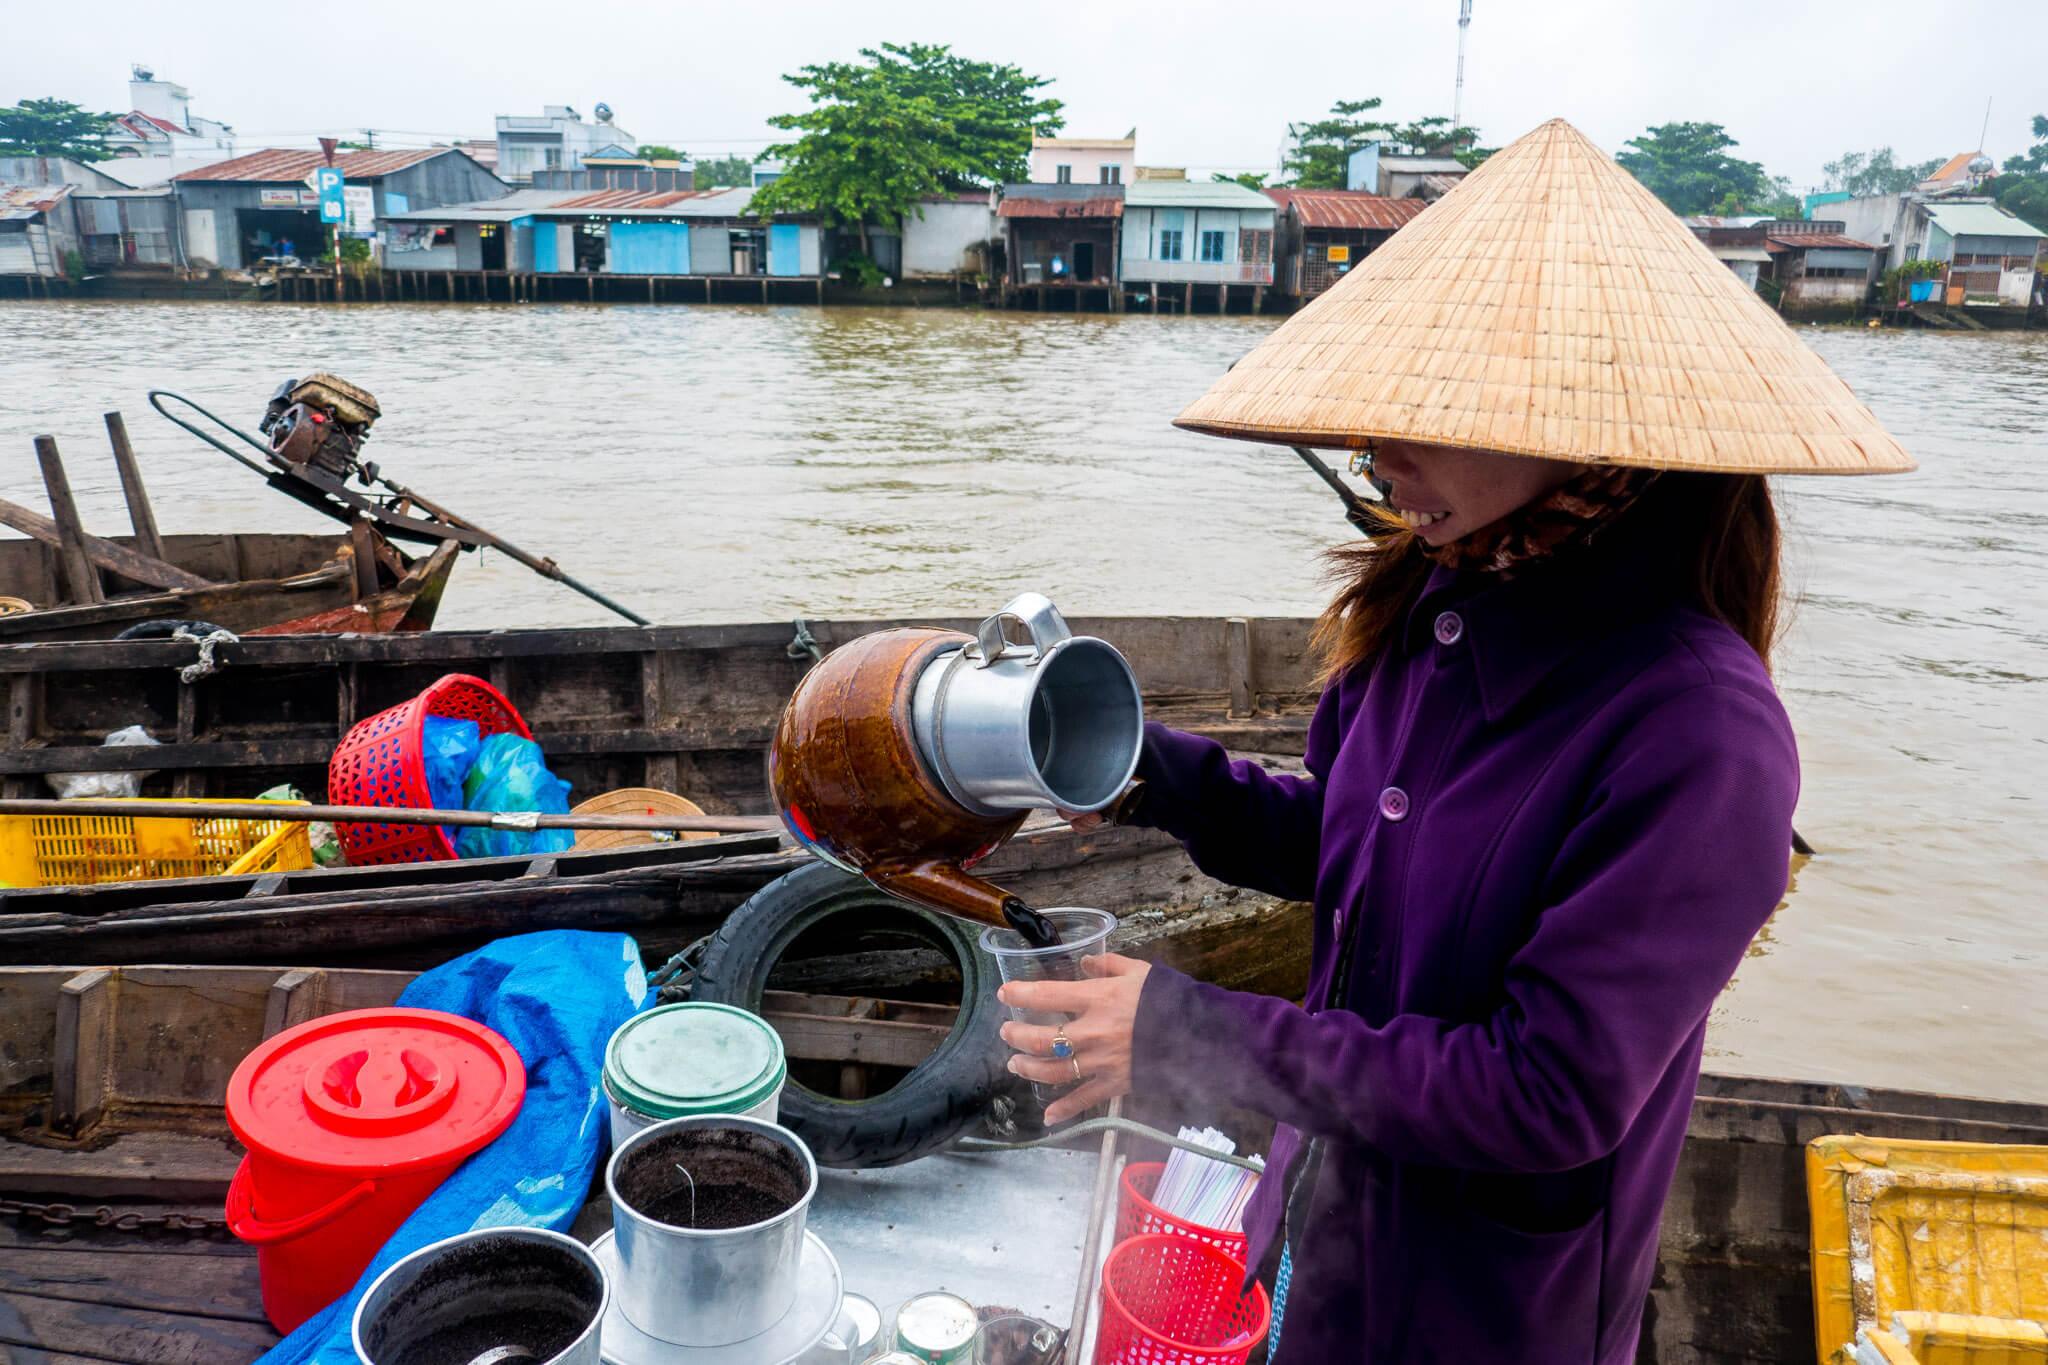 The Mekong Delta near Ho Chi Minh City